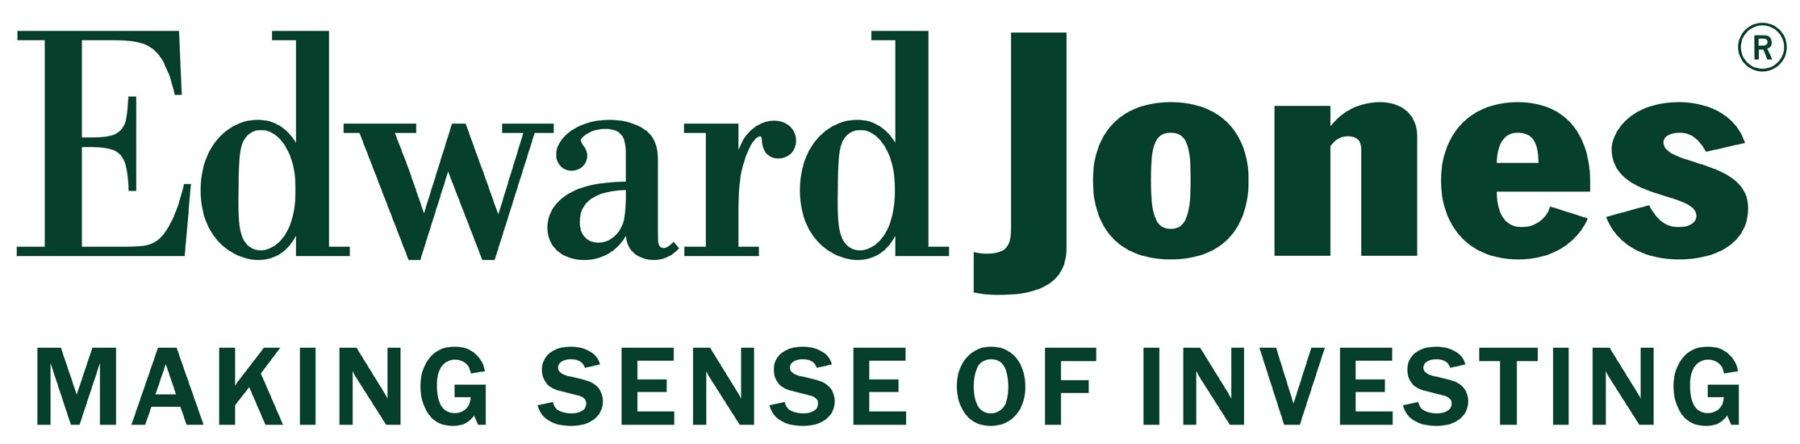 Edward Jones logo - Business in Manotick